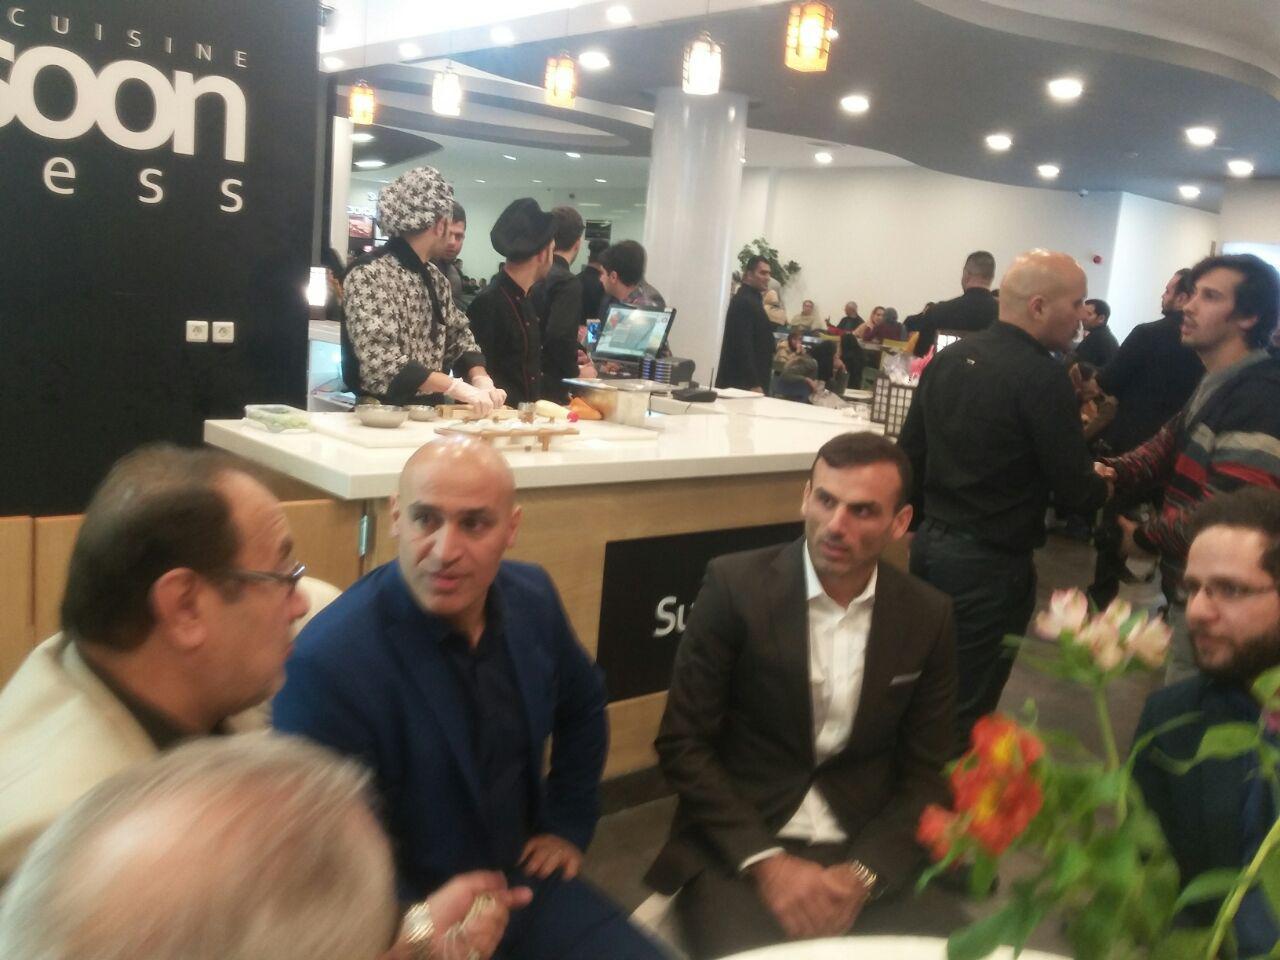 حواشی افتتاحیه رستوران جدید منصوریان/ خوش و بش با رحمتی+ عکس